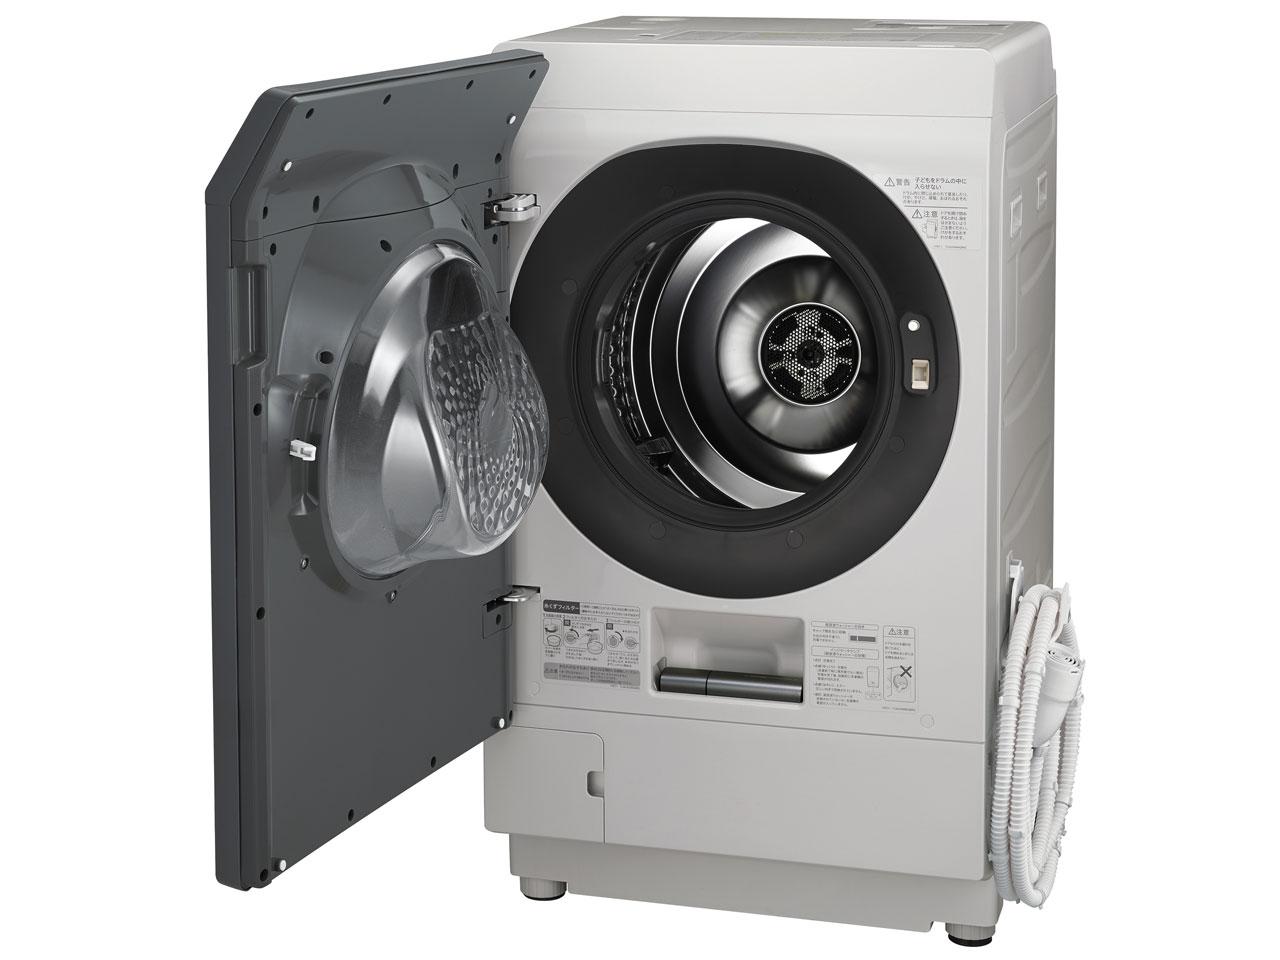 『本体 内部』 ES-W111-SL の製品画像